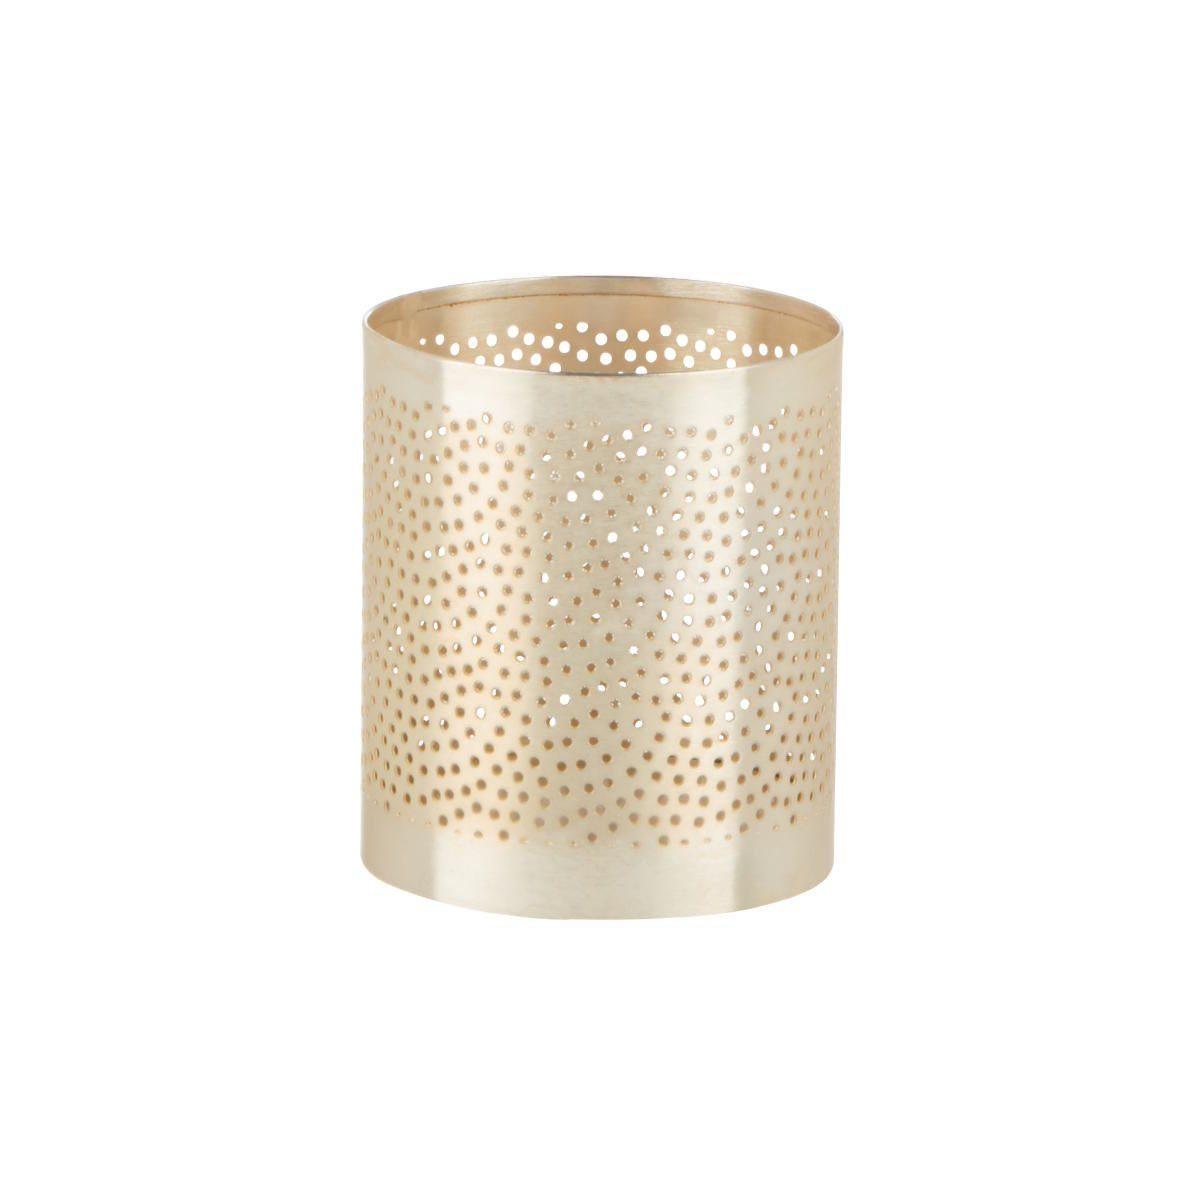 BUTLERS ARABIAN NIGHTS »Teelichthalter Punkte Ø 8 cm«